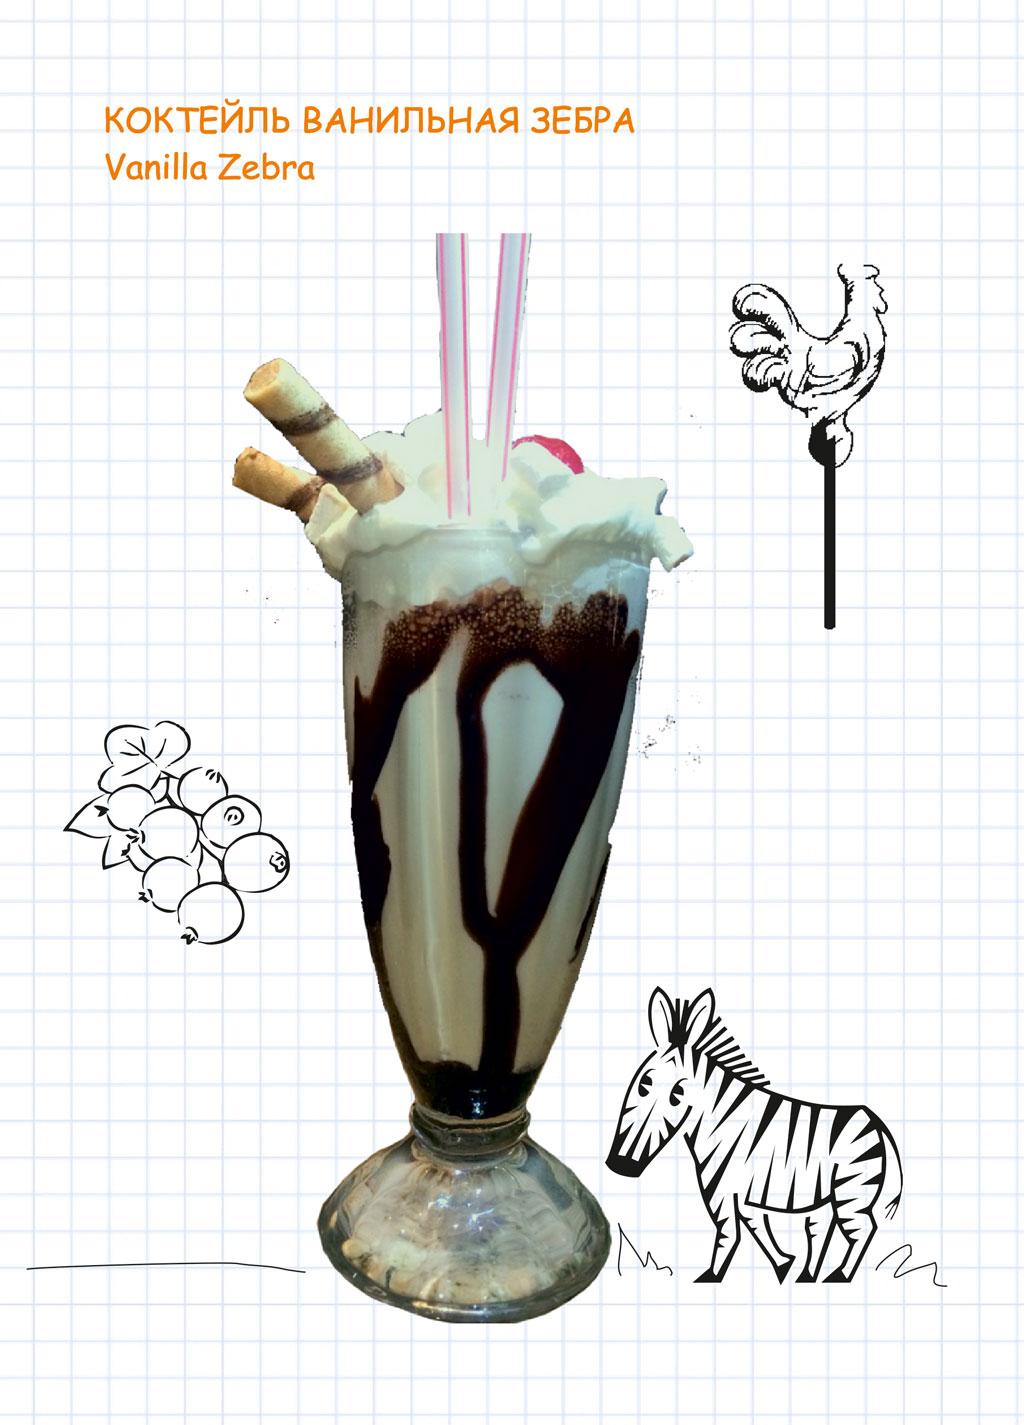 Коктейль Ванильная Зебра (Milk shake Vanilla Zebra) в ресторане Аннам Брахма в Оренбурге